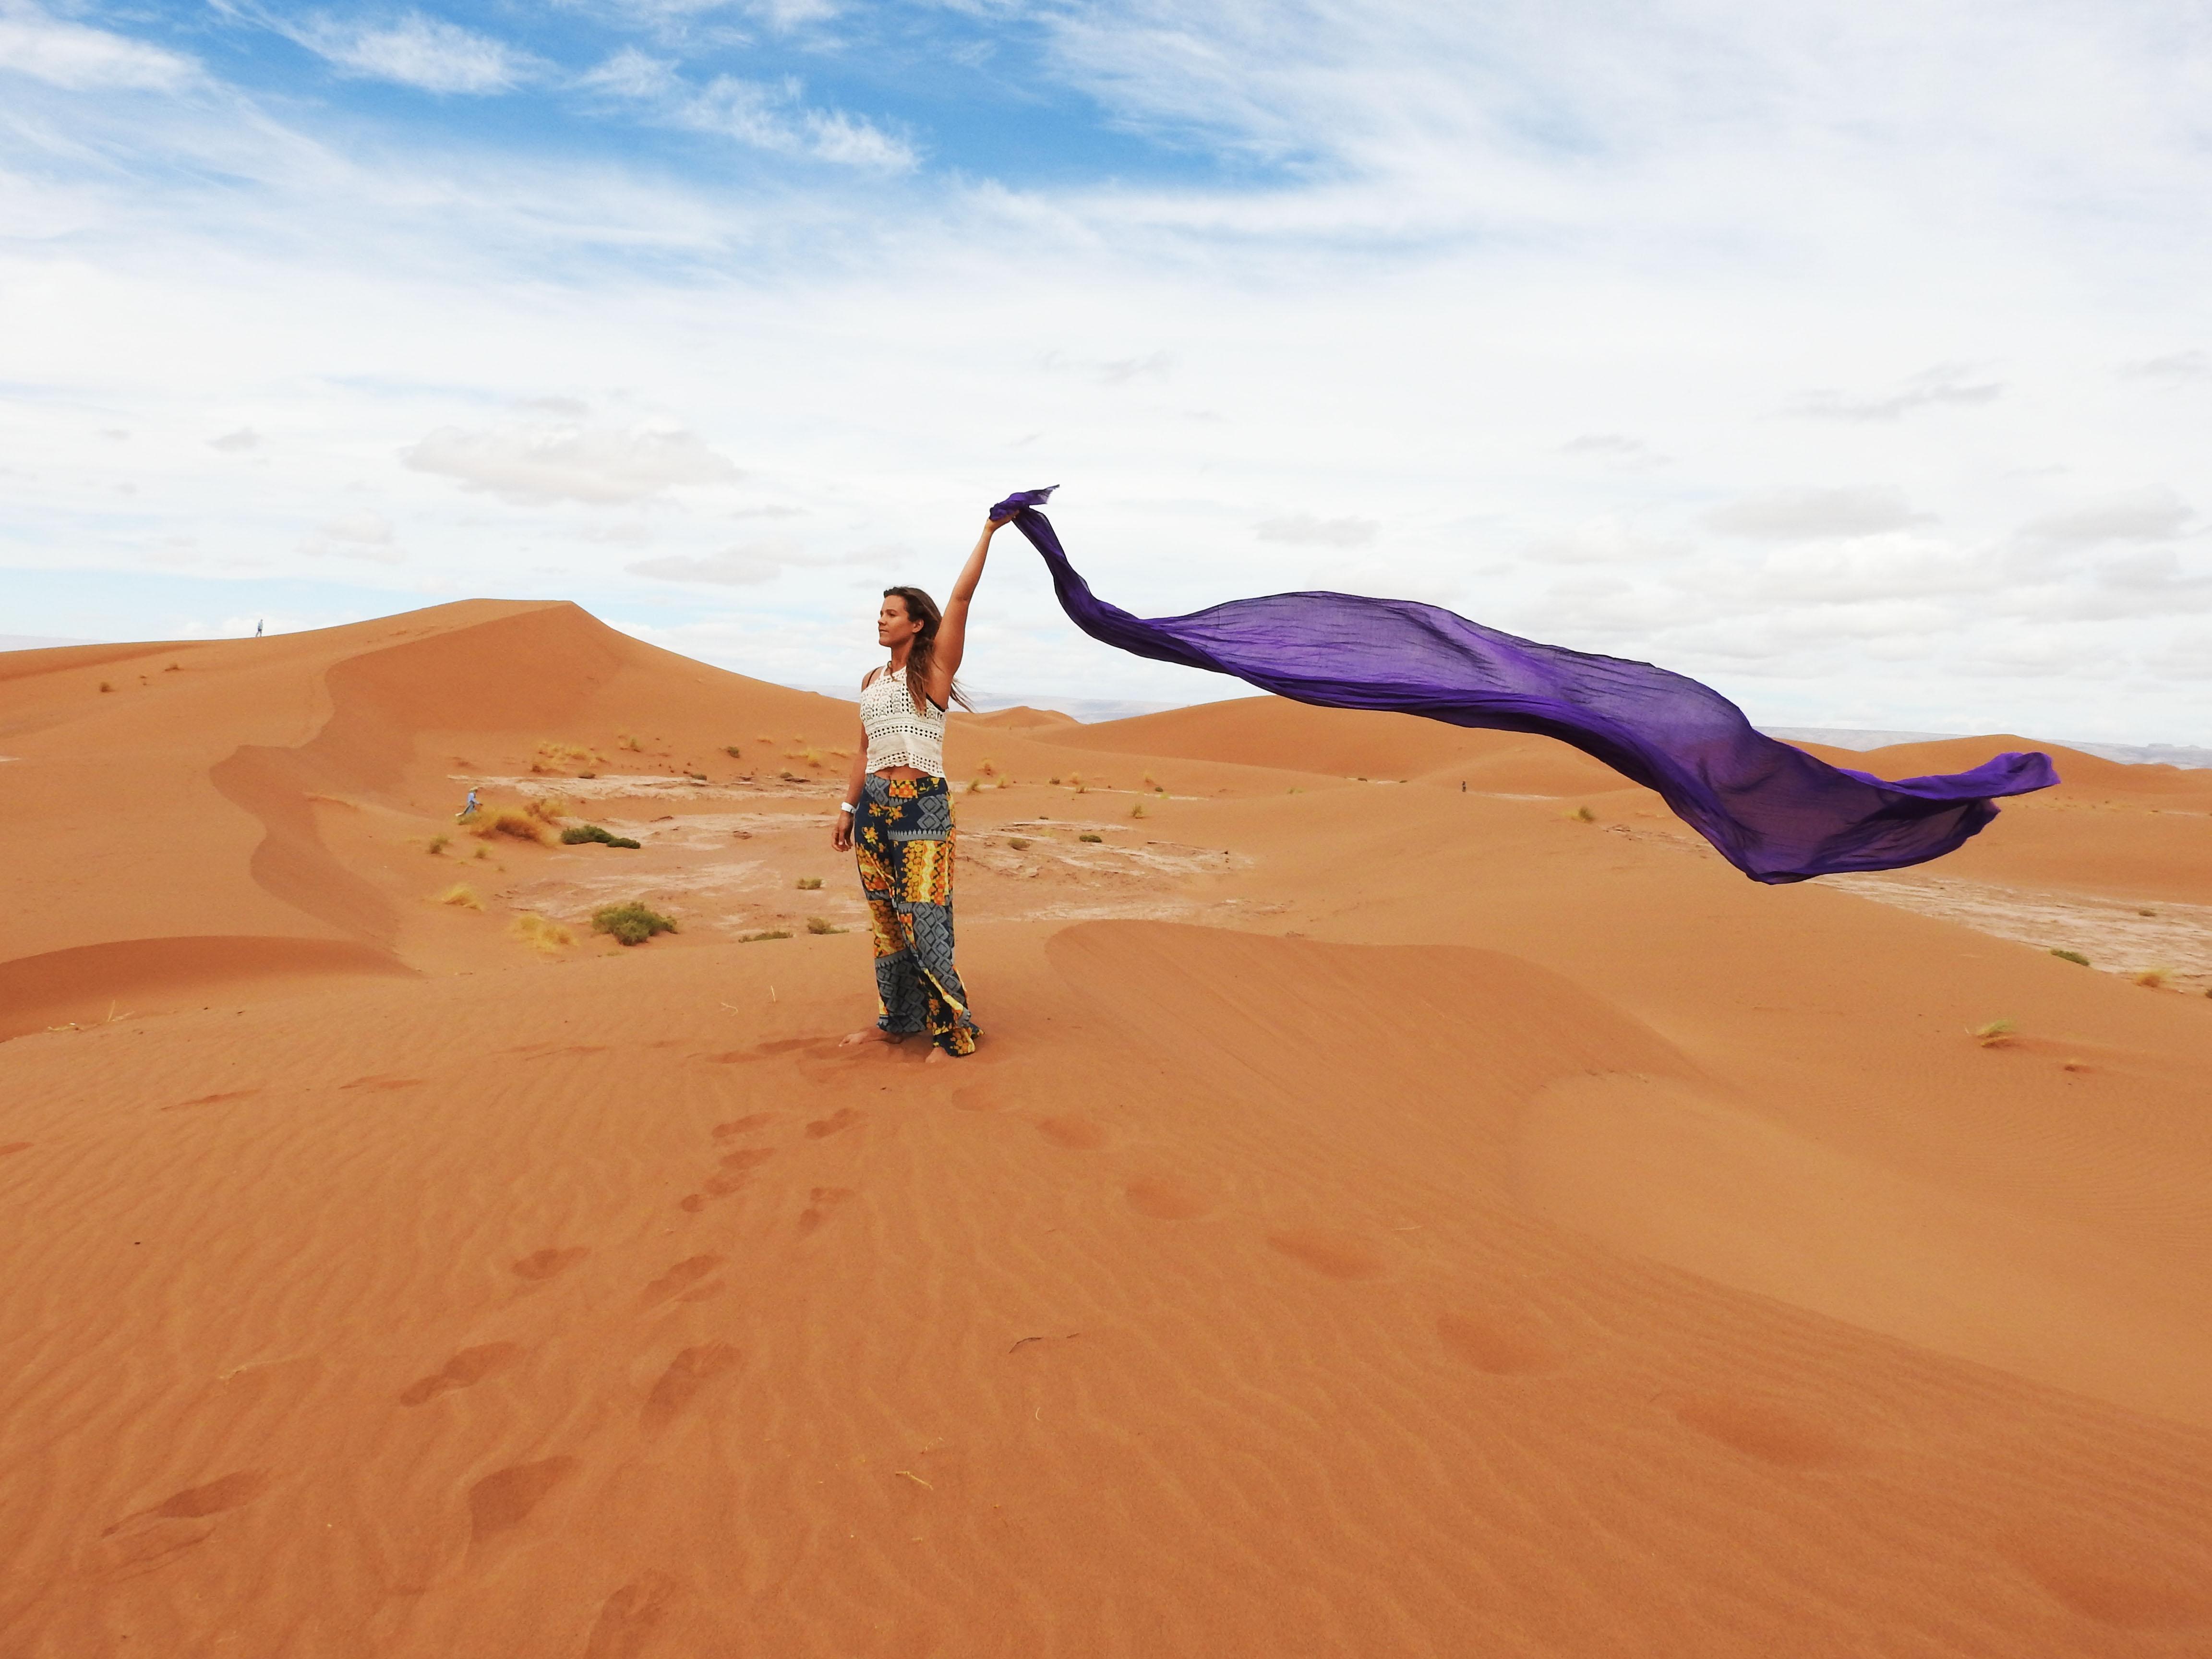 Queen of Arabia